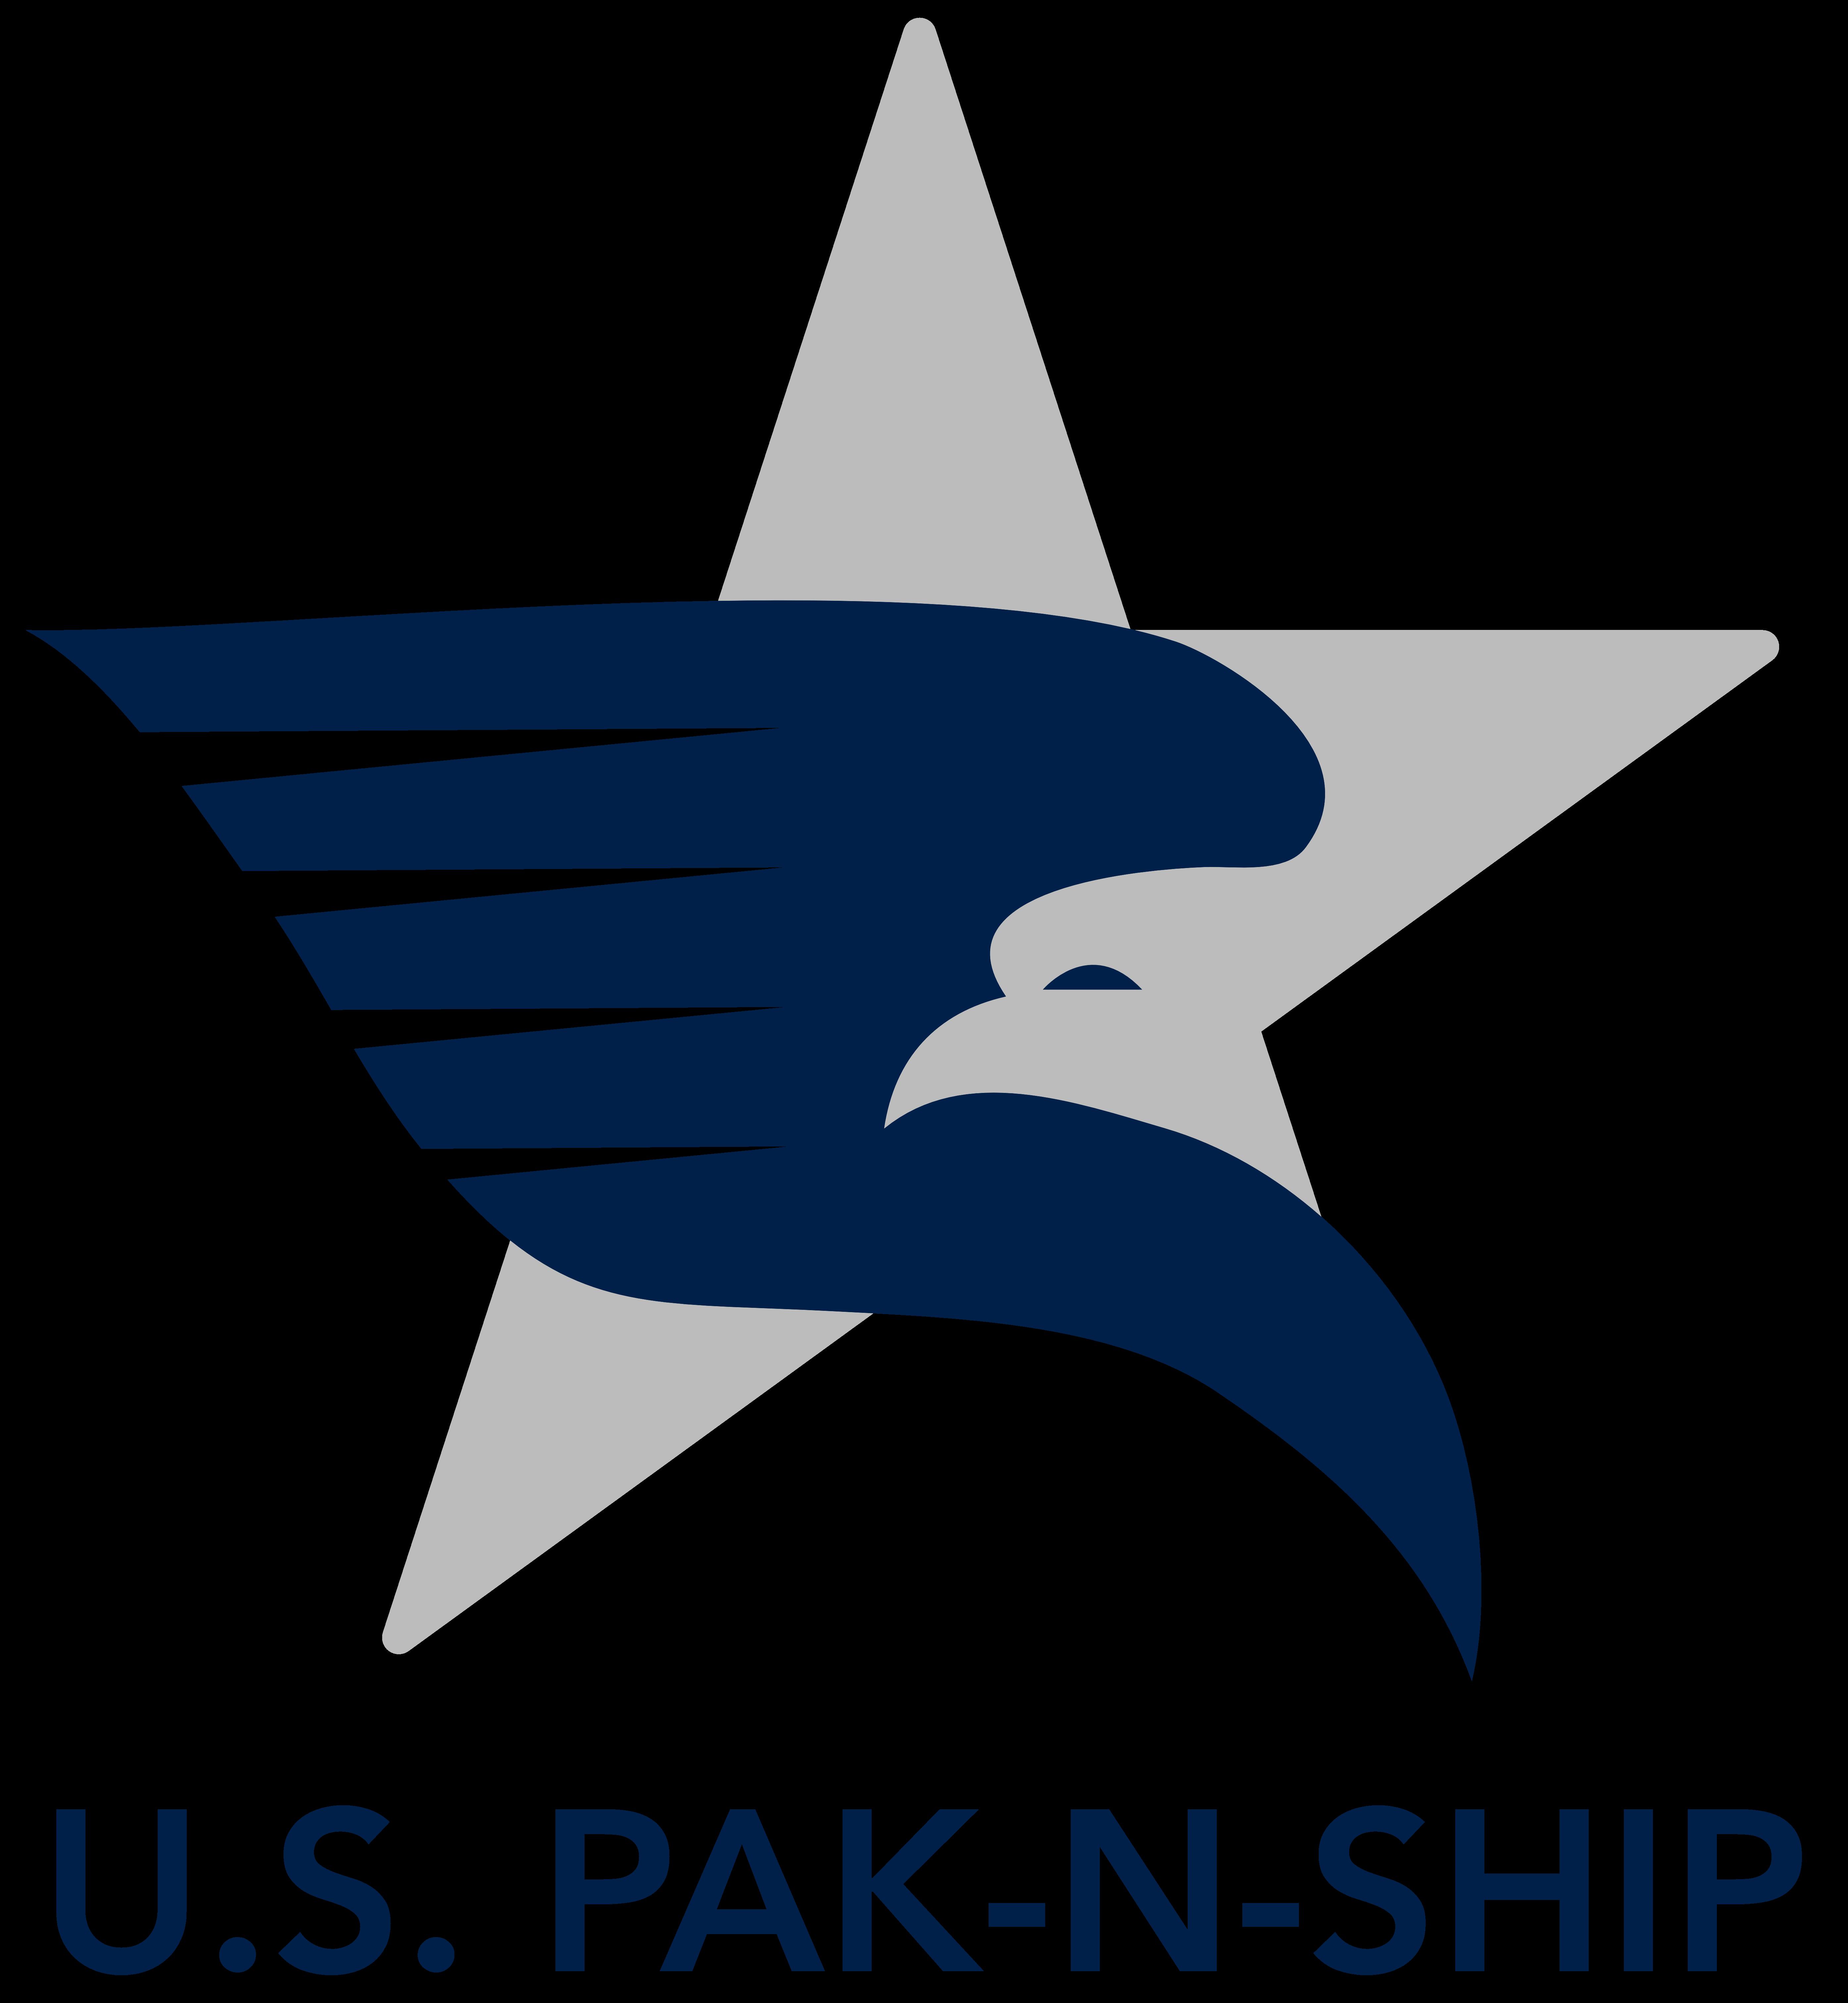 U.S. PAK-N-SHIP